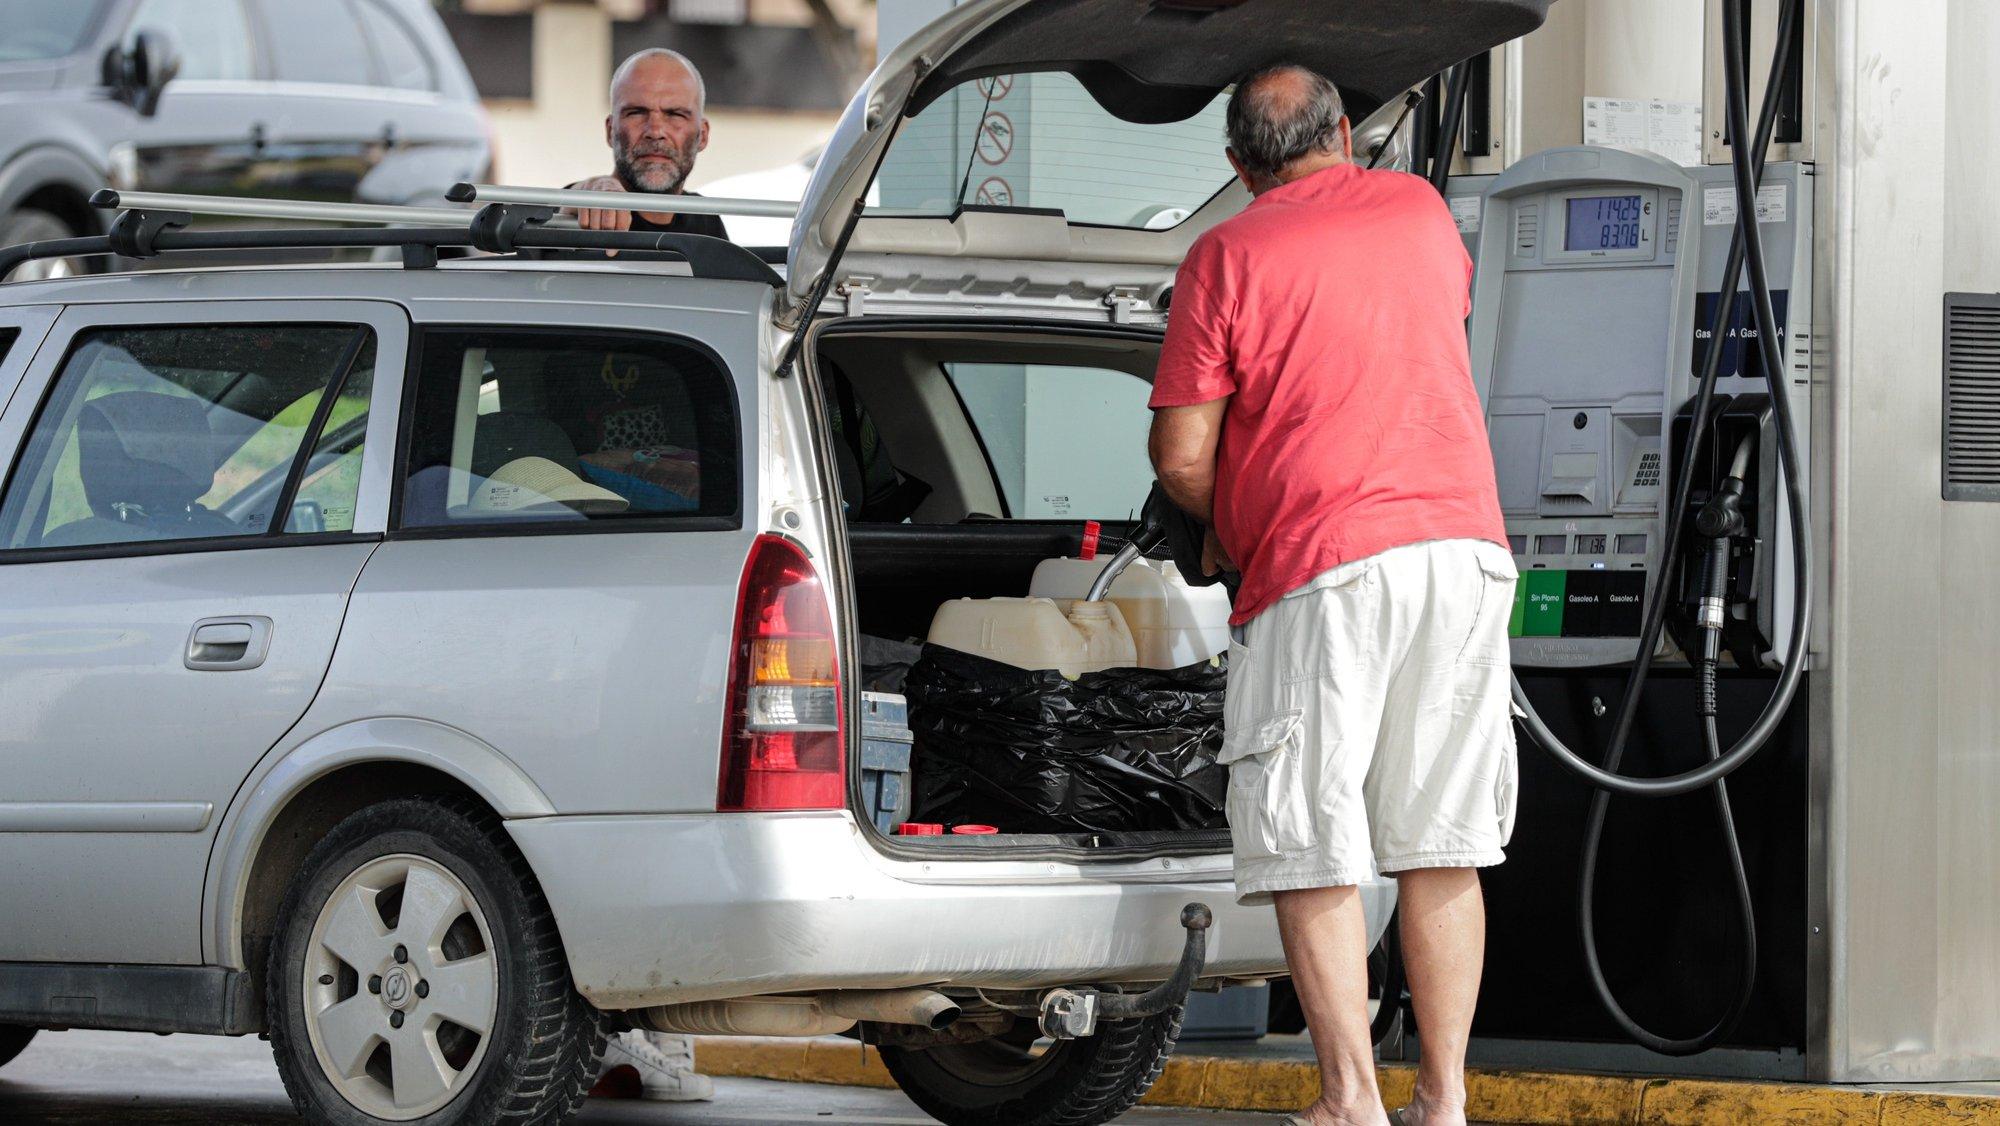 Automobilistas portugueses abastecem em Espanha para fugir aos preços altos dos combustíveis em Portugal e vão abastecer a Espanha, onde a diferença pode chegar aos 36 cêntimos por litro, em Ayamonte, Espanha, 17 de outubro de 2021. (ACOMPANHA TEXTO). LUÍS FORRA/LUSA